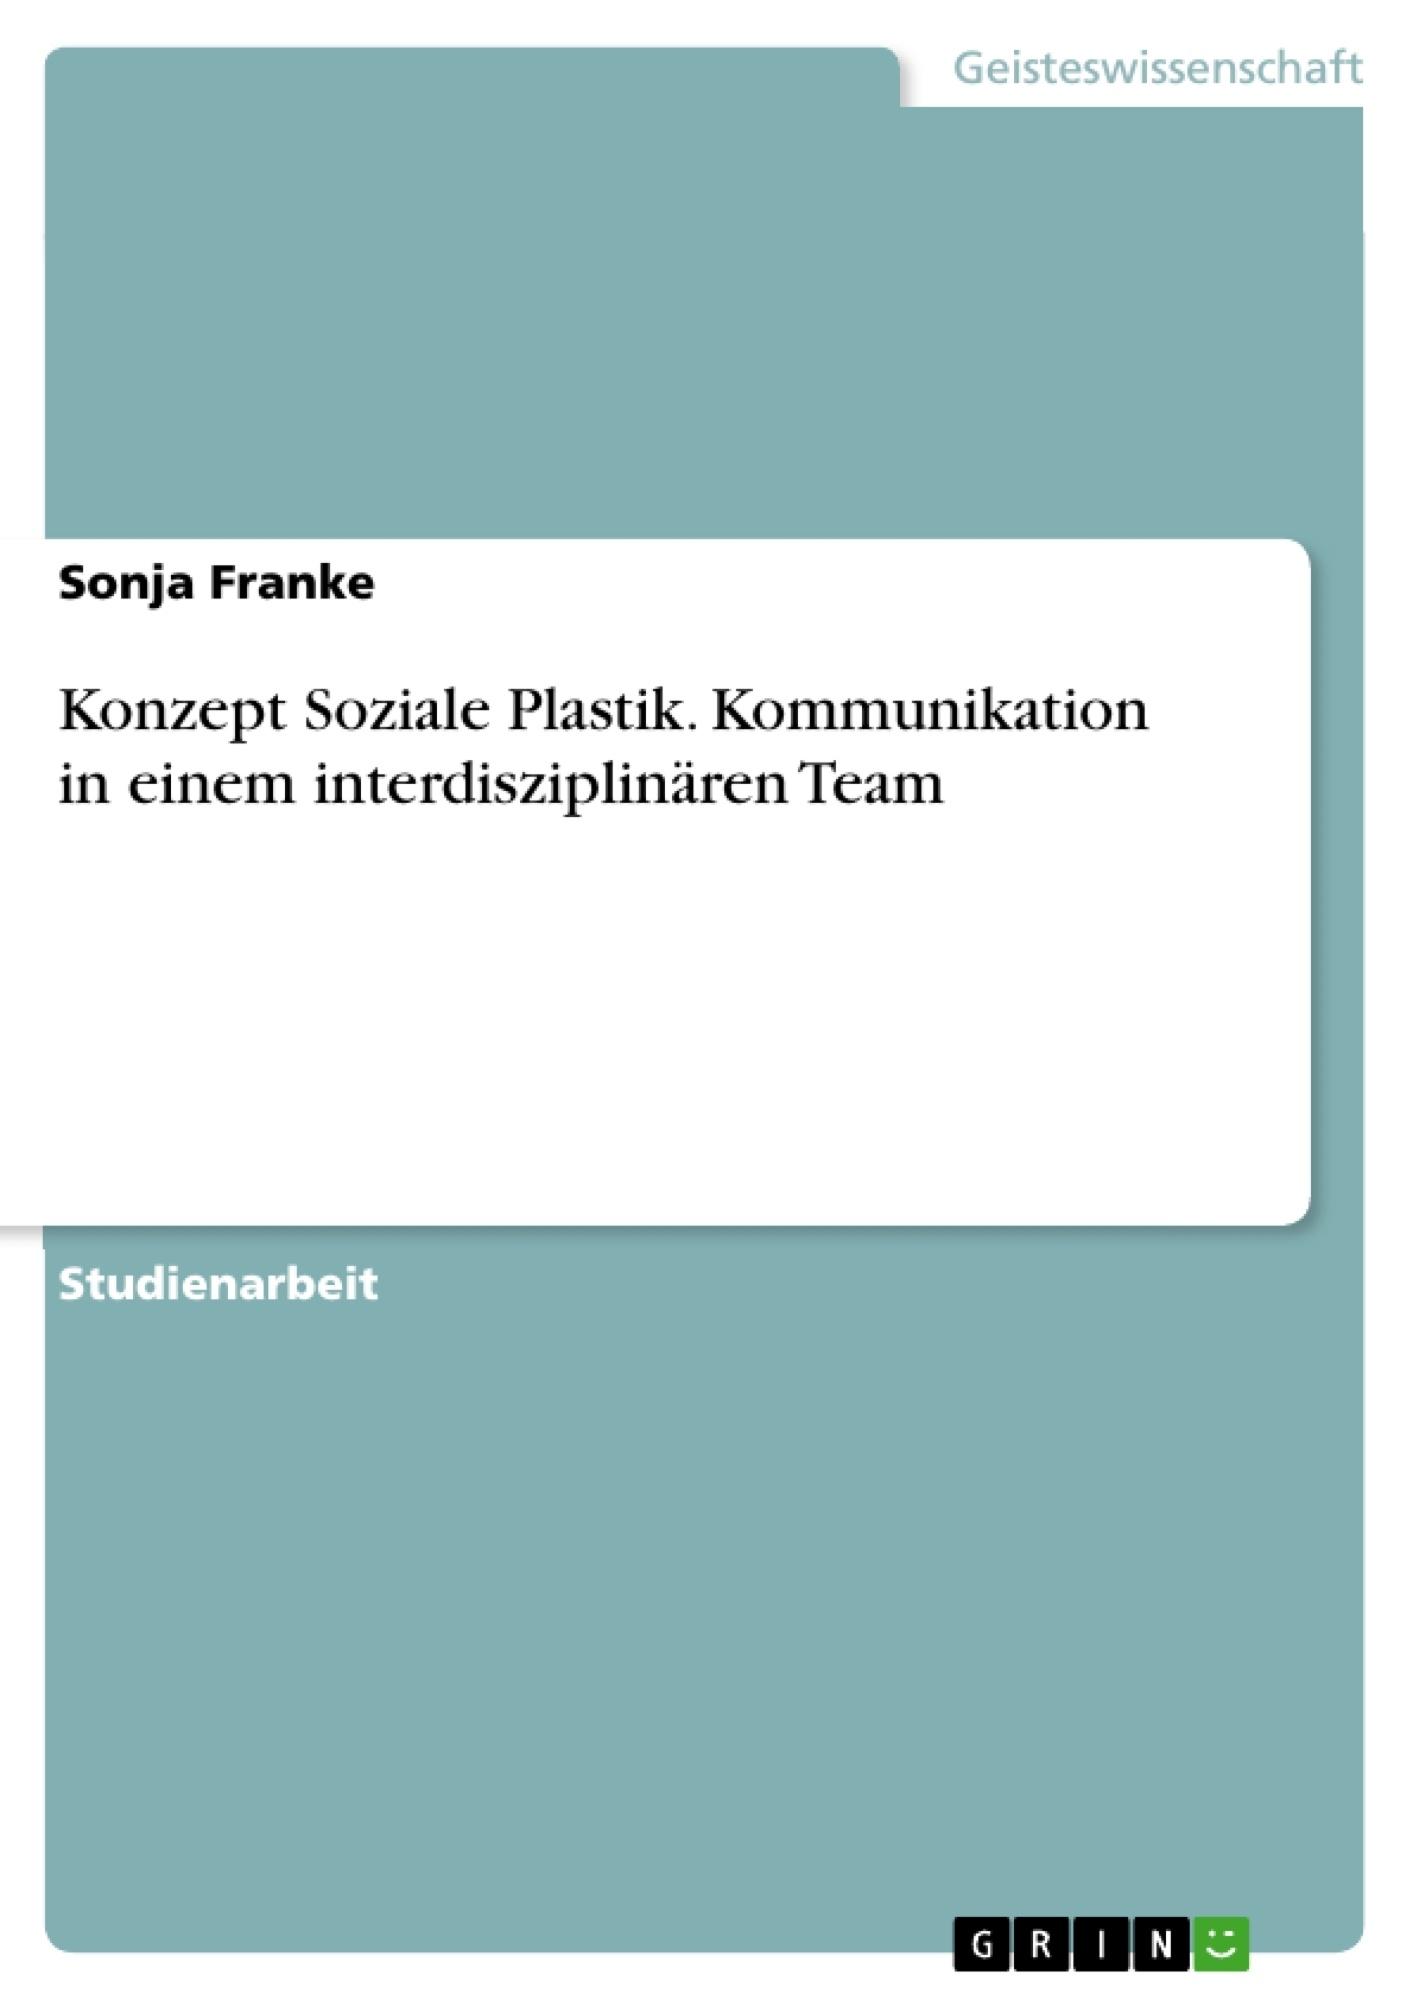 Titel: Konzept Soziale Plastik. Kommunikation in einem interdisziplinären Team